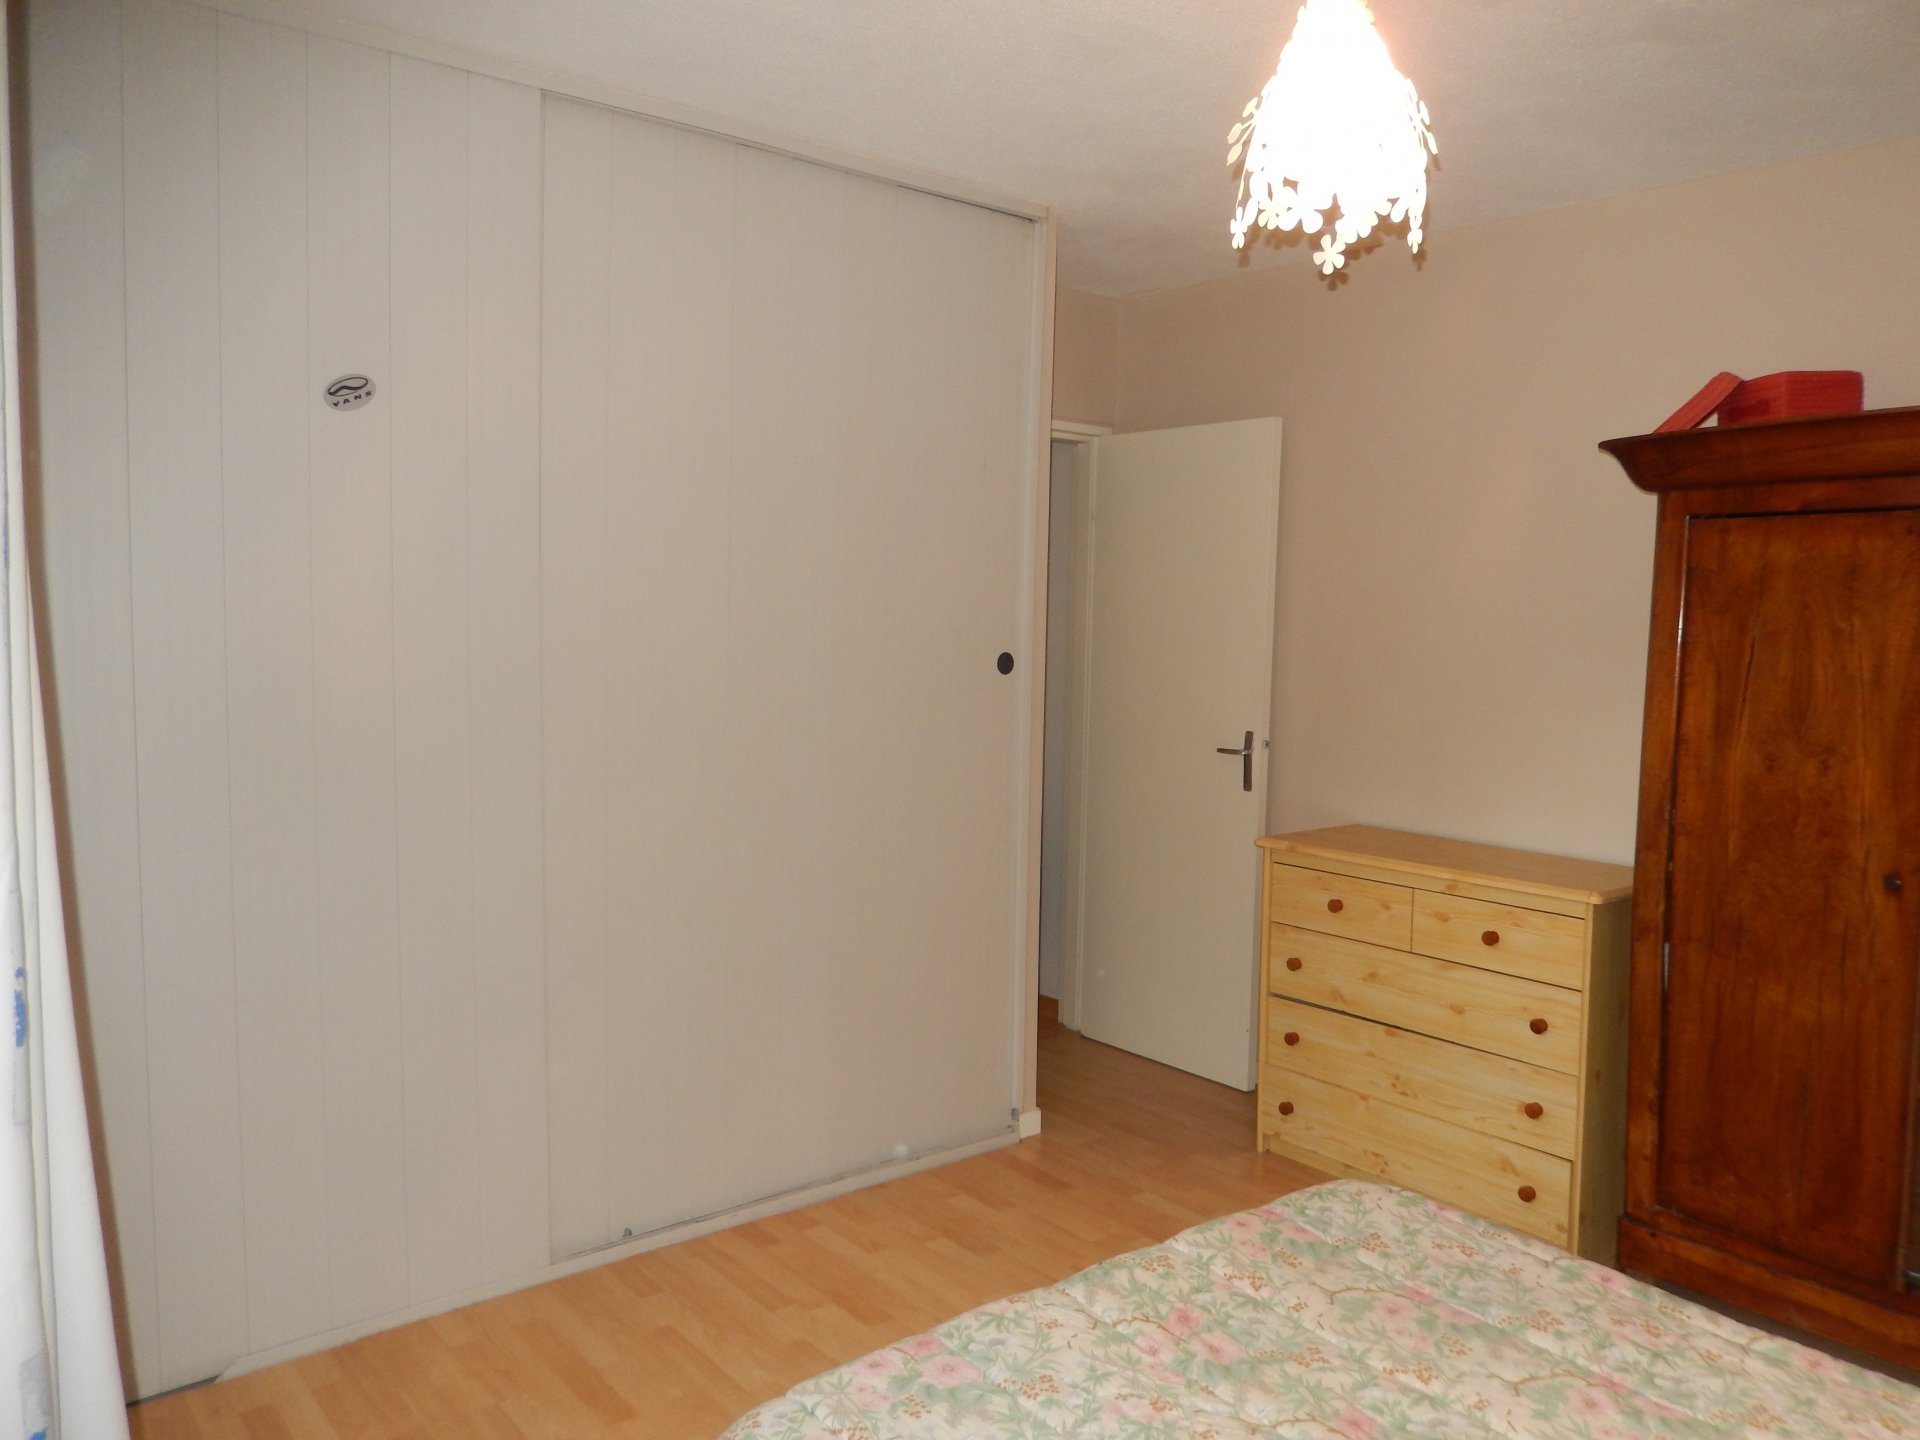 Appartement  55 m2  station de ski